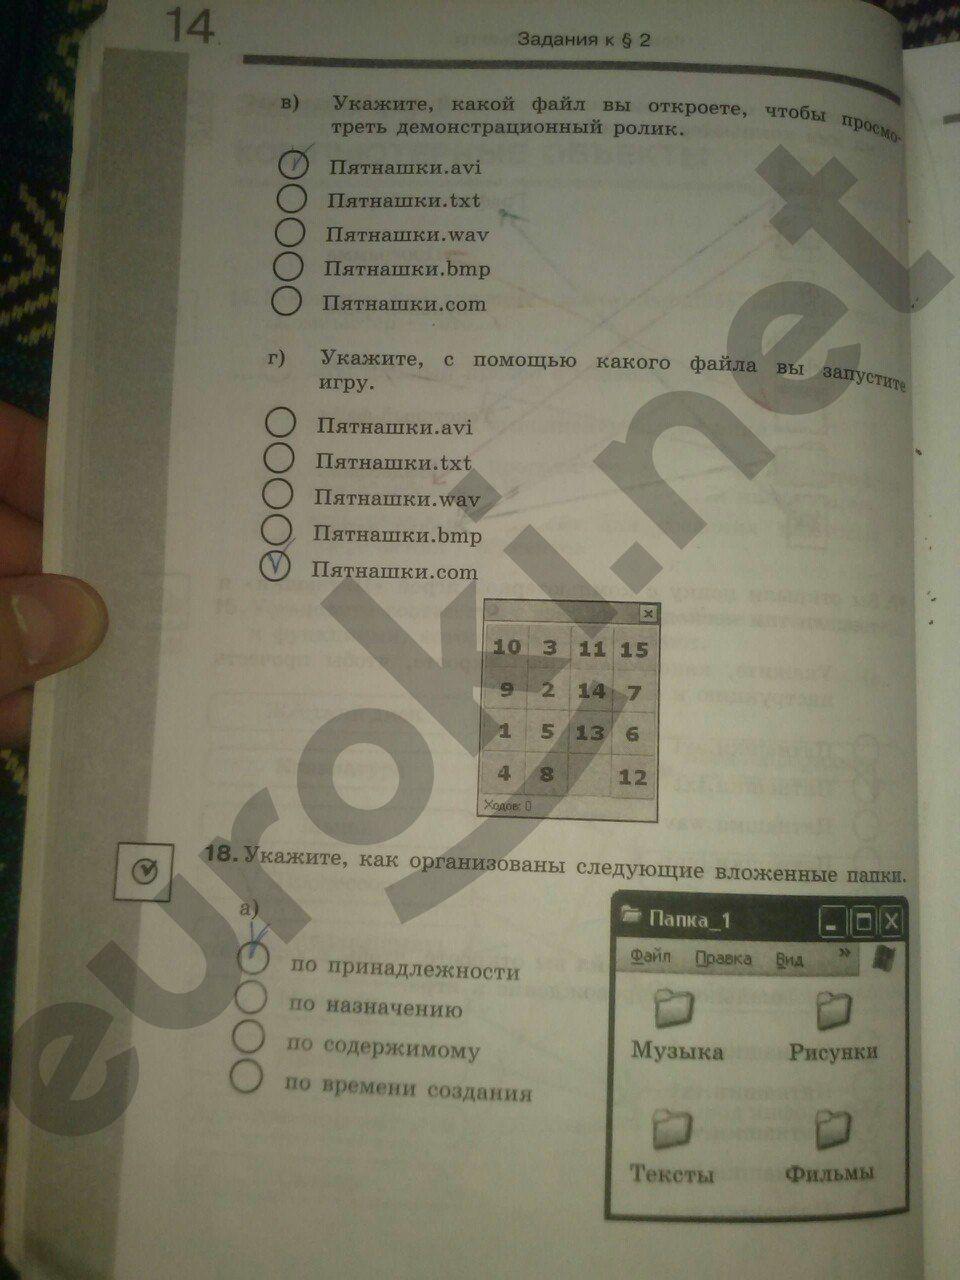 Решебник гдз готовые домашние задания физика 10 класс касьянов в.а